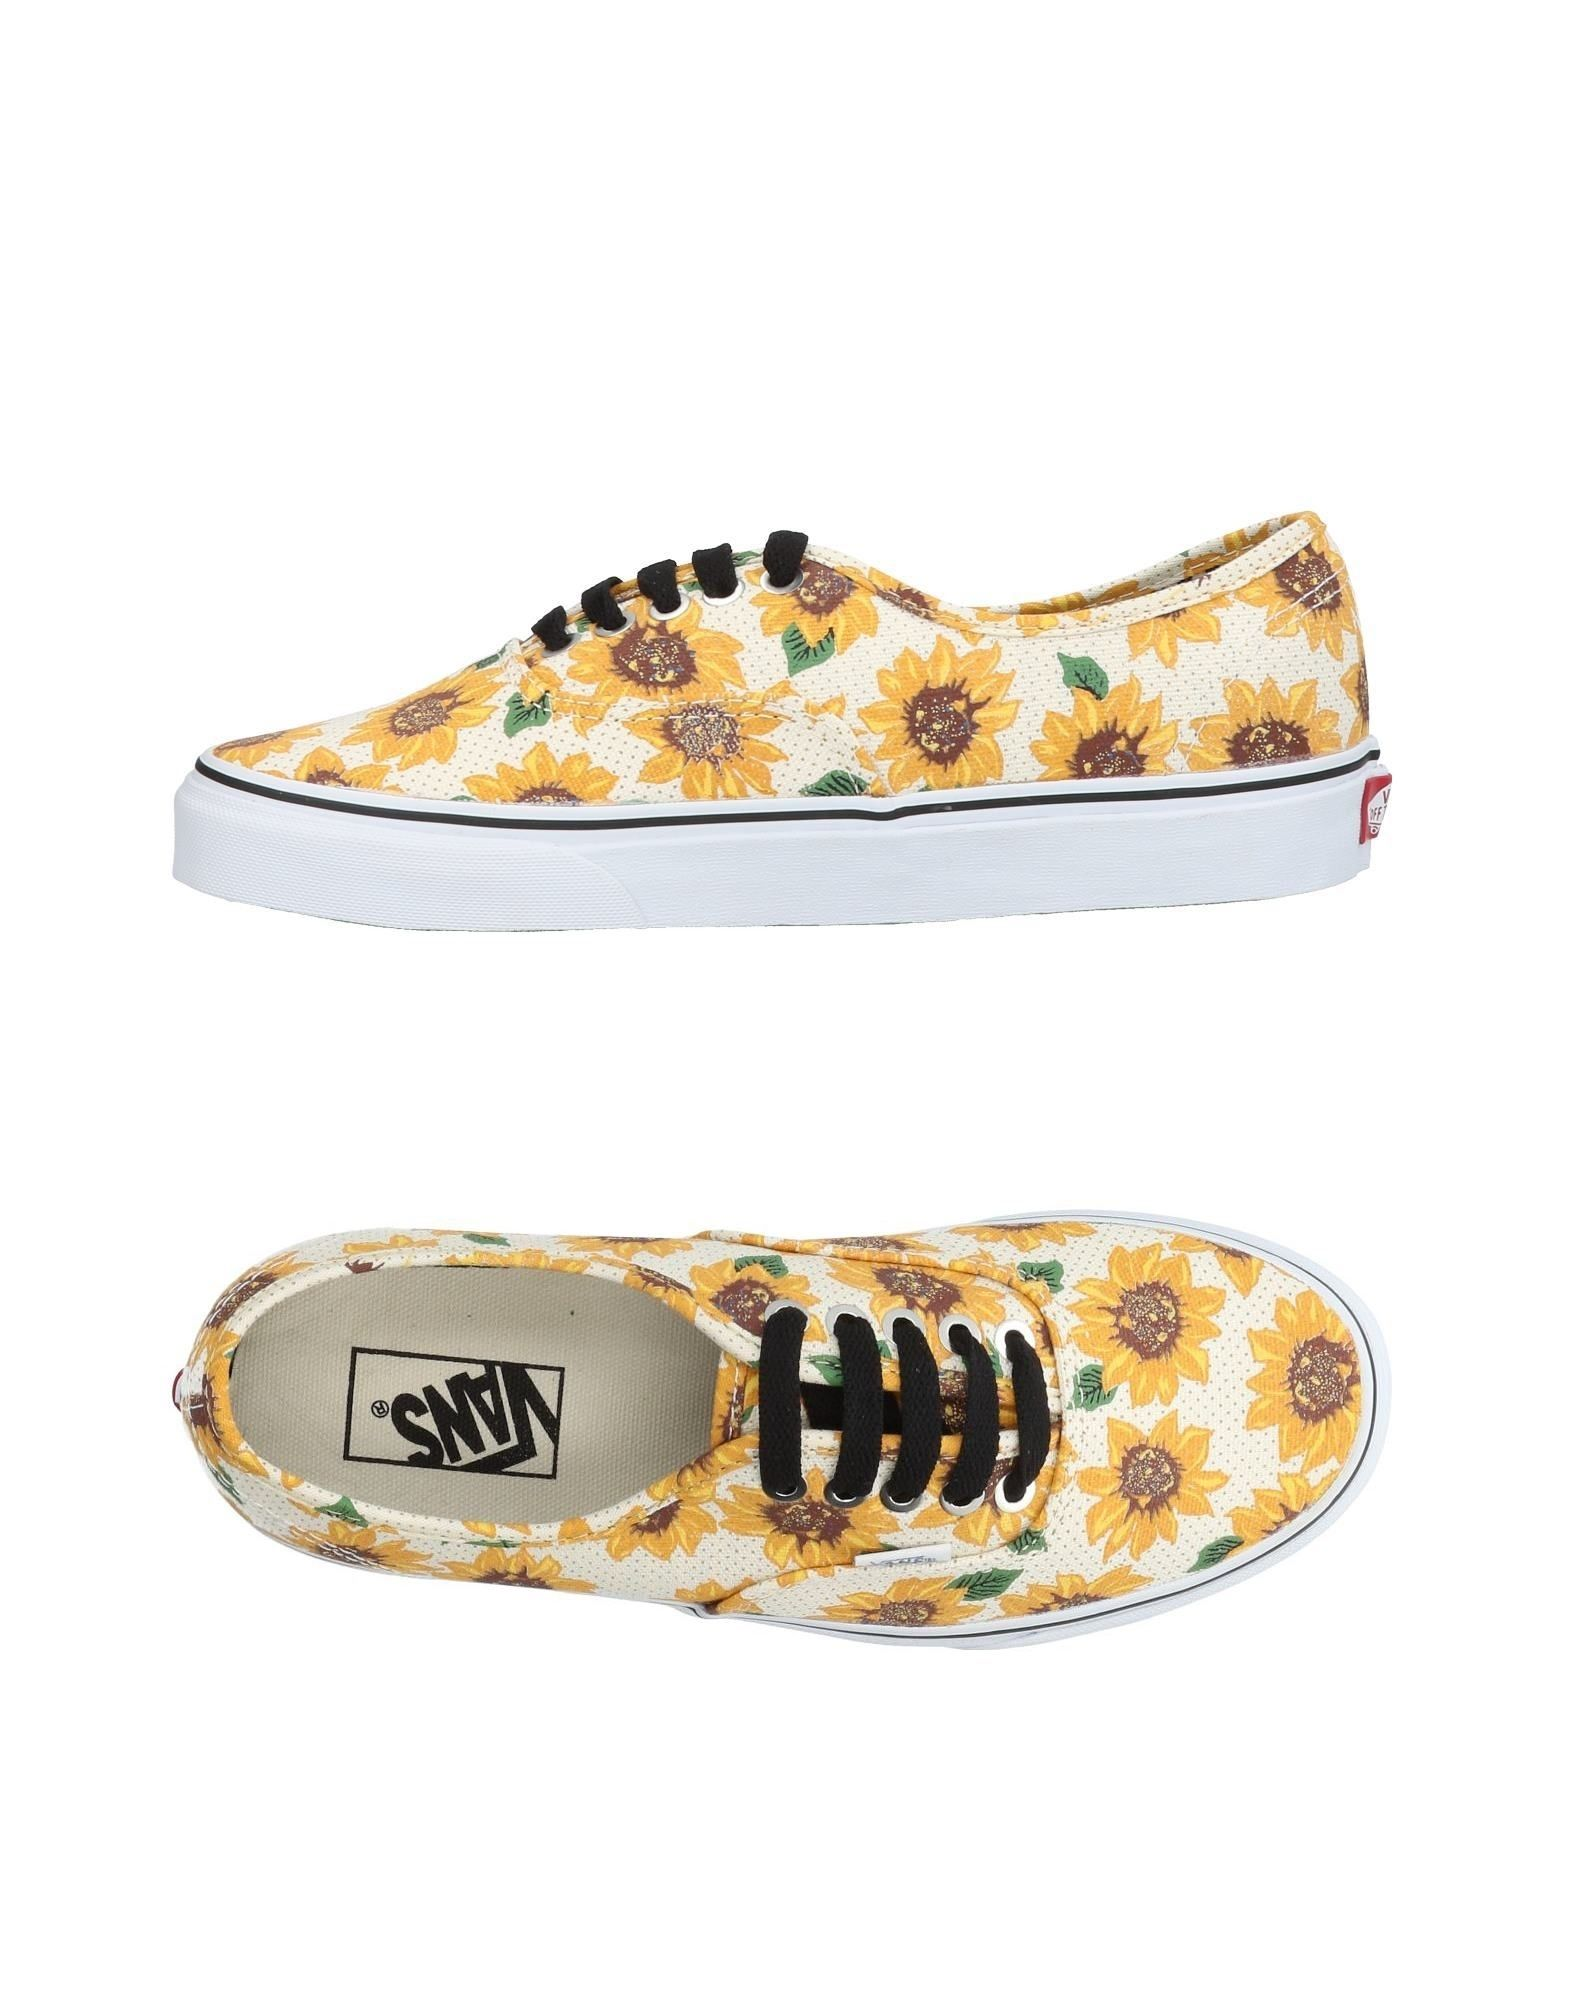 Vans Sneakers Damen  11436464BE Schuhe Gute Qualität beliebte Schuhe 11436464BE 558090